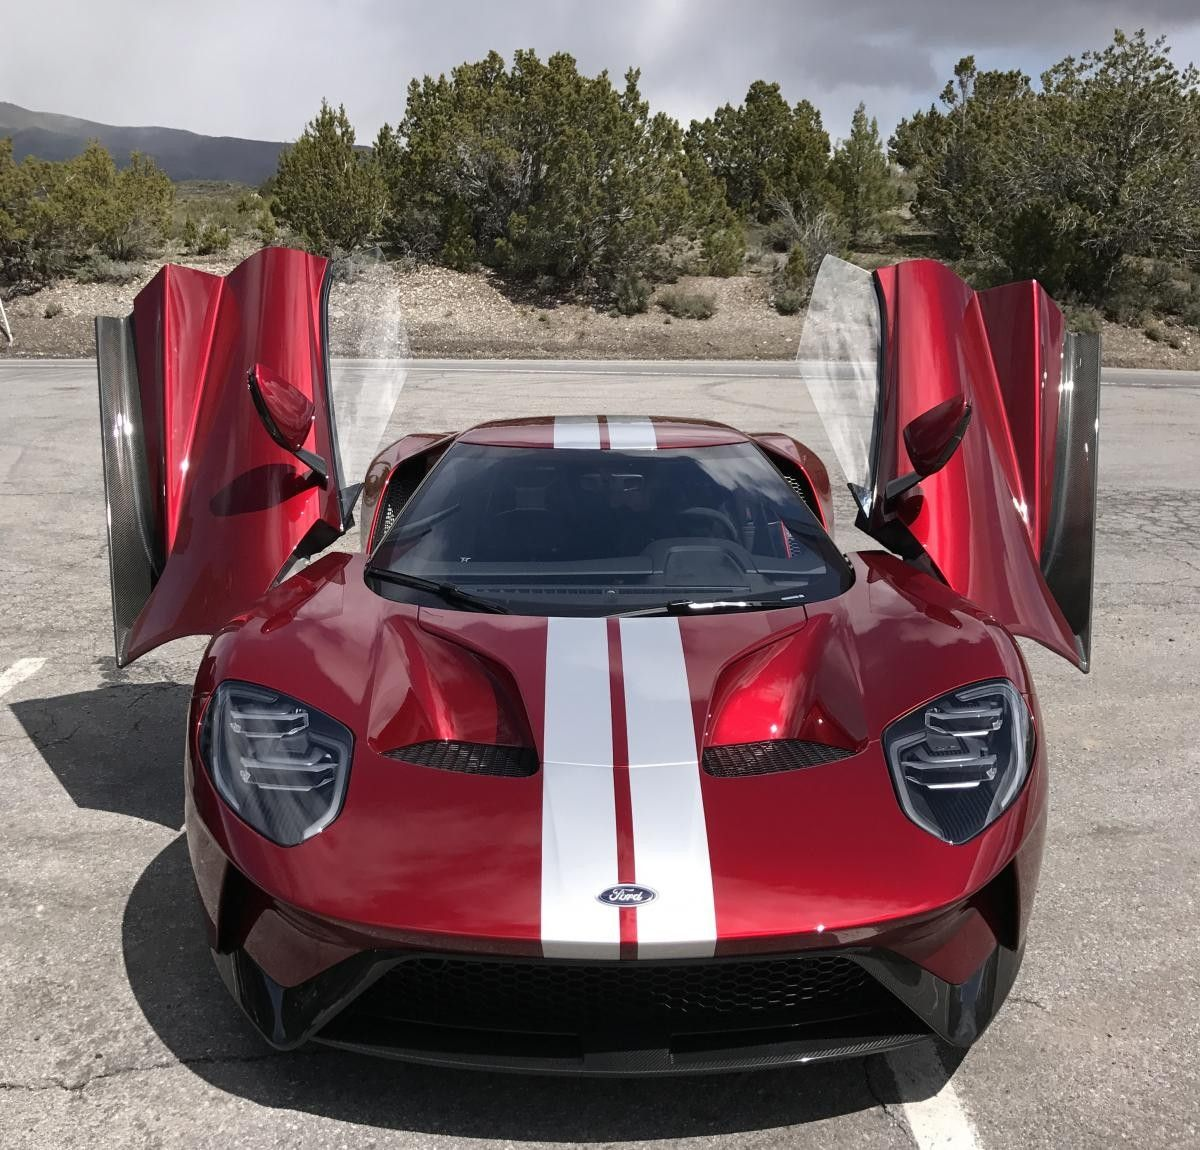 Exotic Car Rental Ford Gt: Lamborghini Vs Ferrari Vs